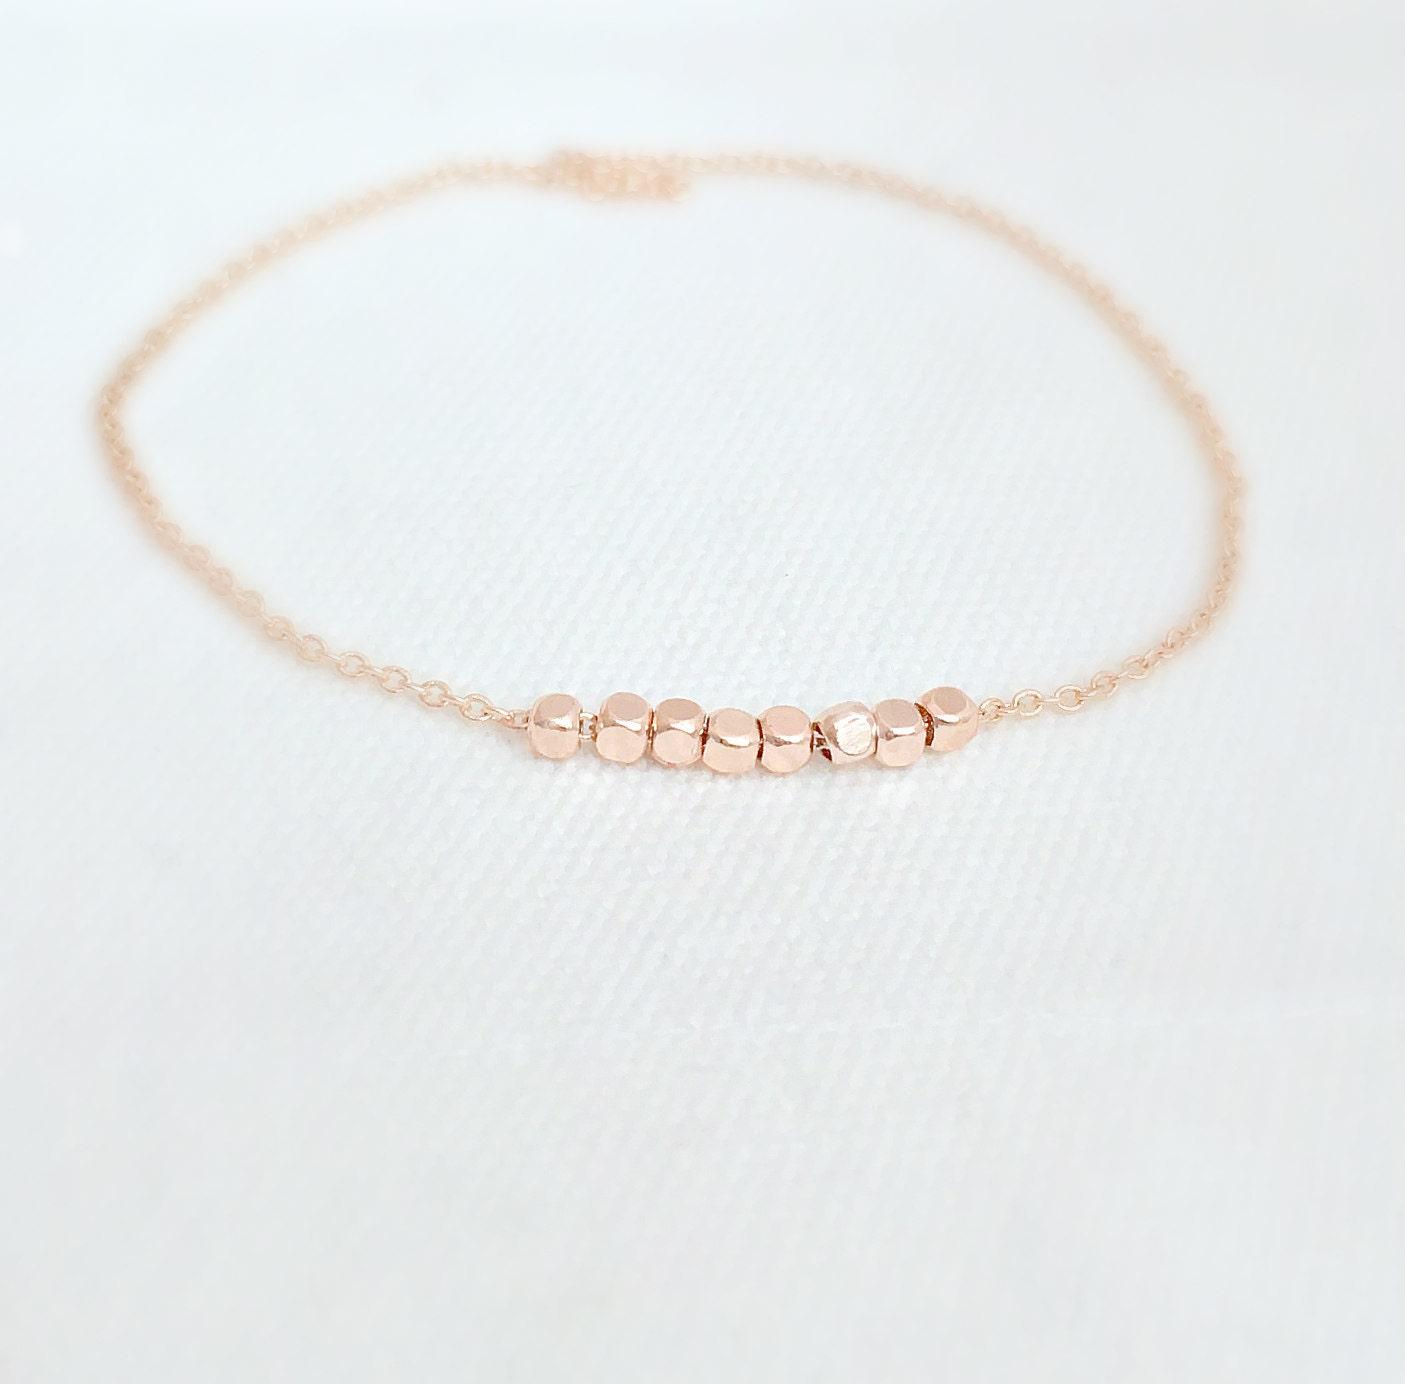 Rose Gold Bracelet Dainty Rose Gold Bracelet Rose Gold JewelryRose Gold BeadStacking BraceletBridesmaid GiftsMom GiftsGifts for Girls